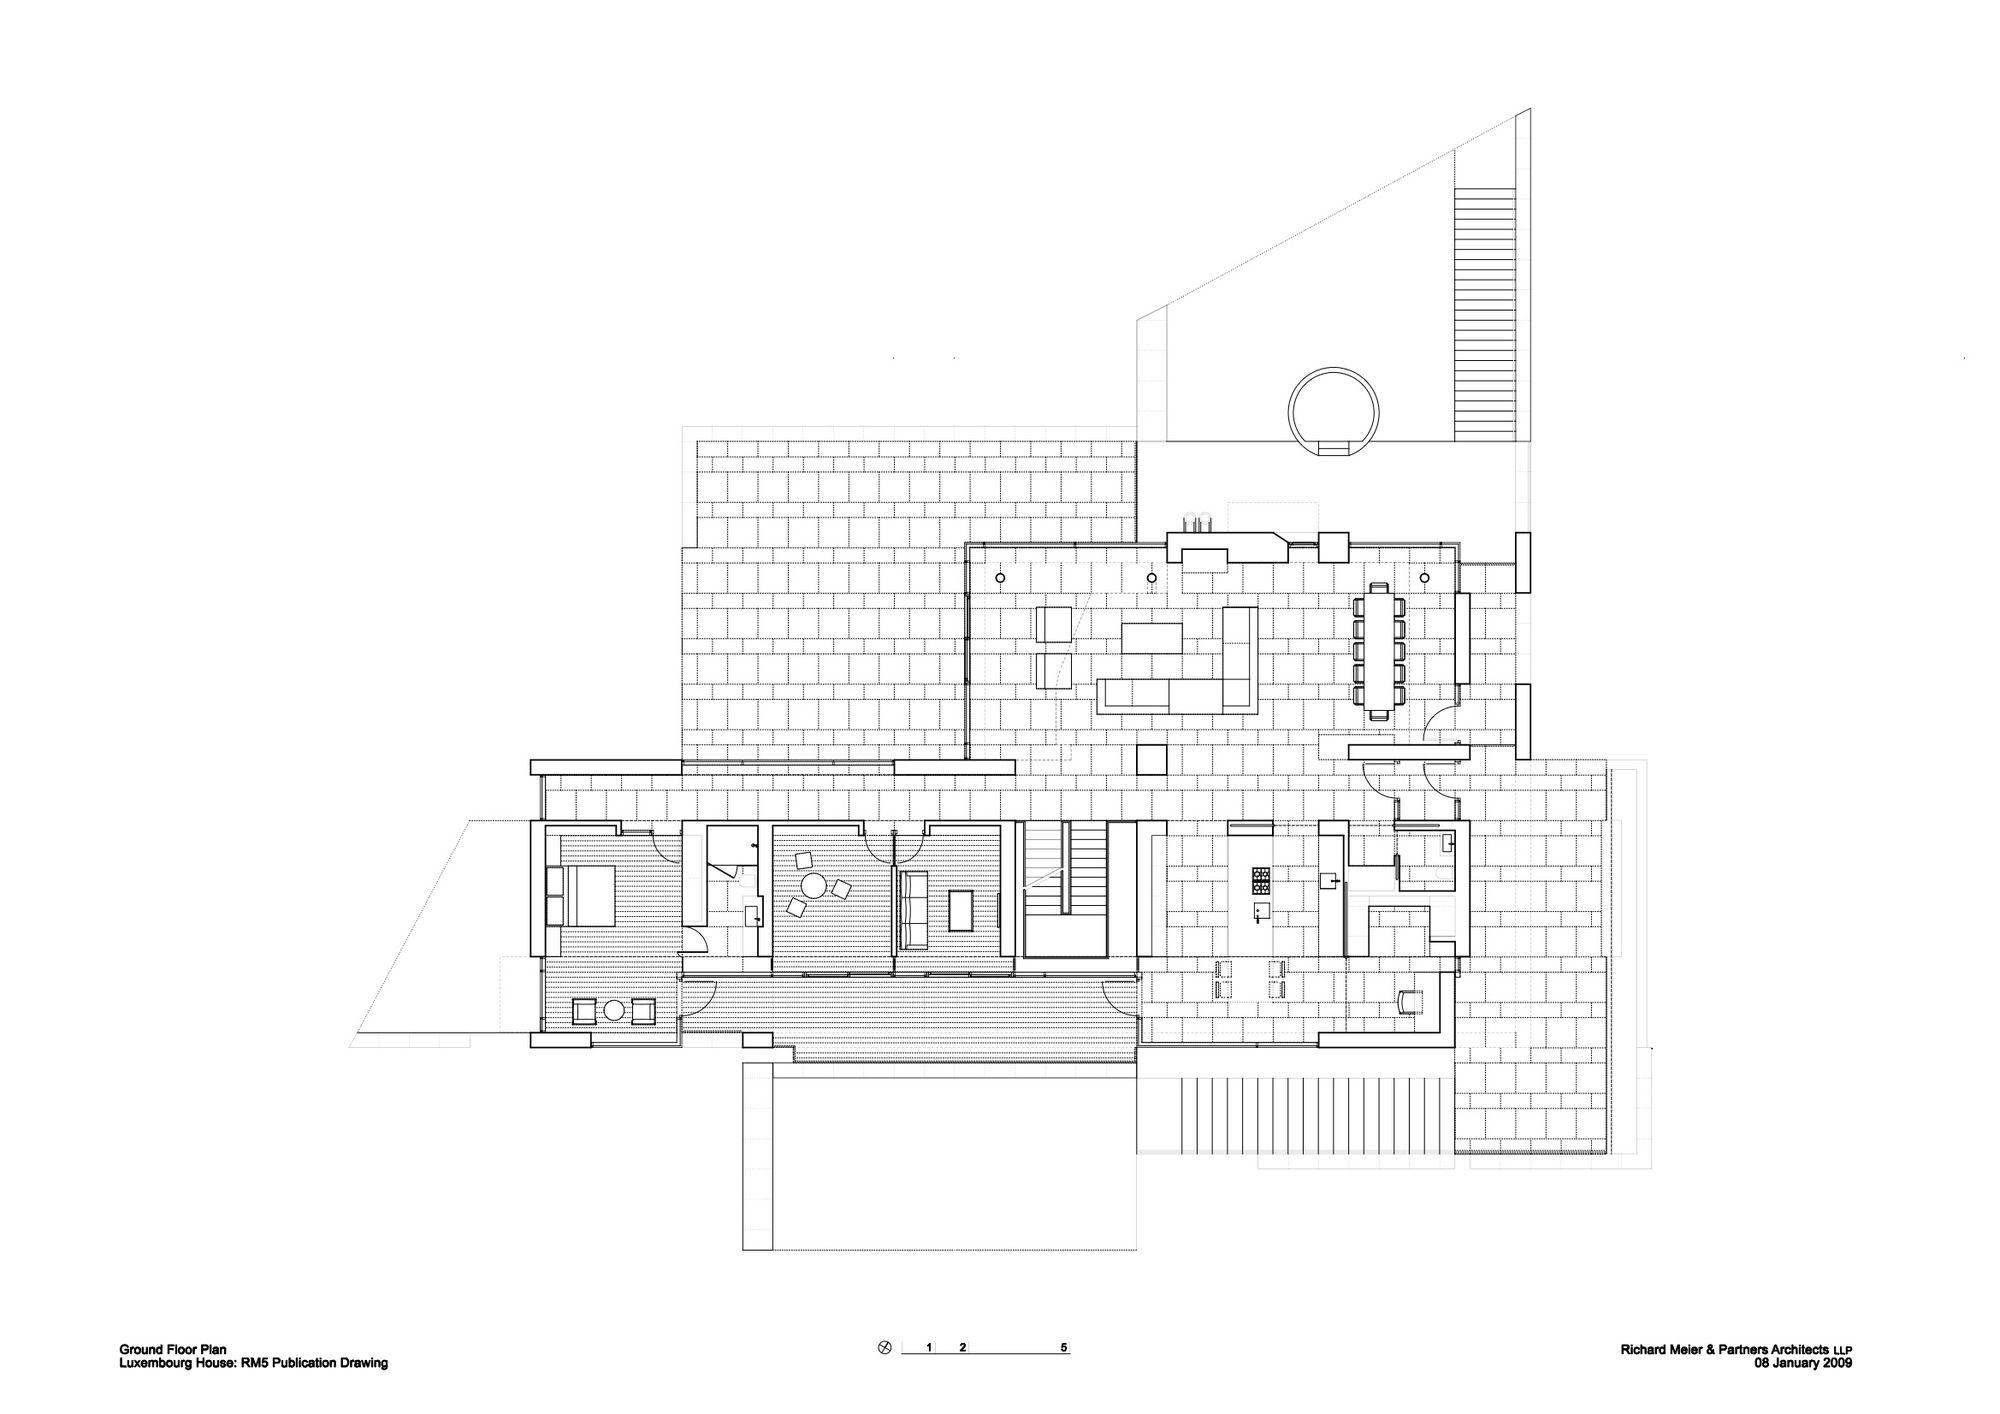 Casa Luxemburgo / Richard Meier & Partners